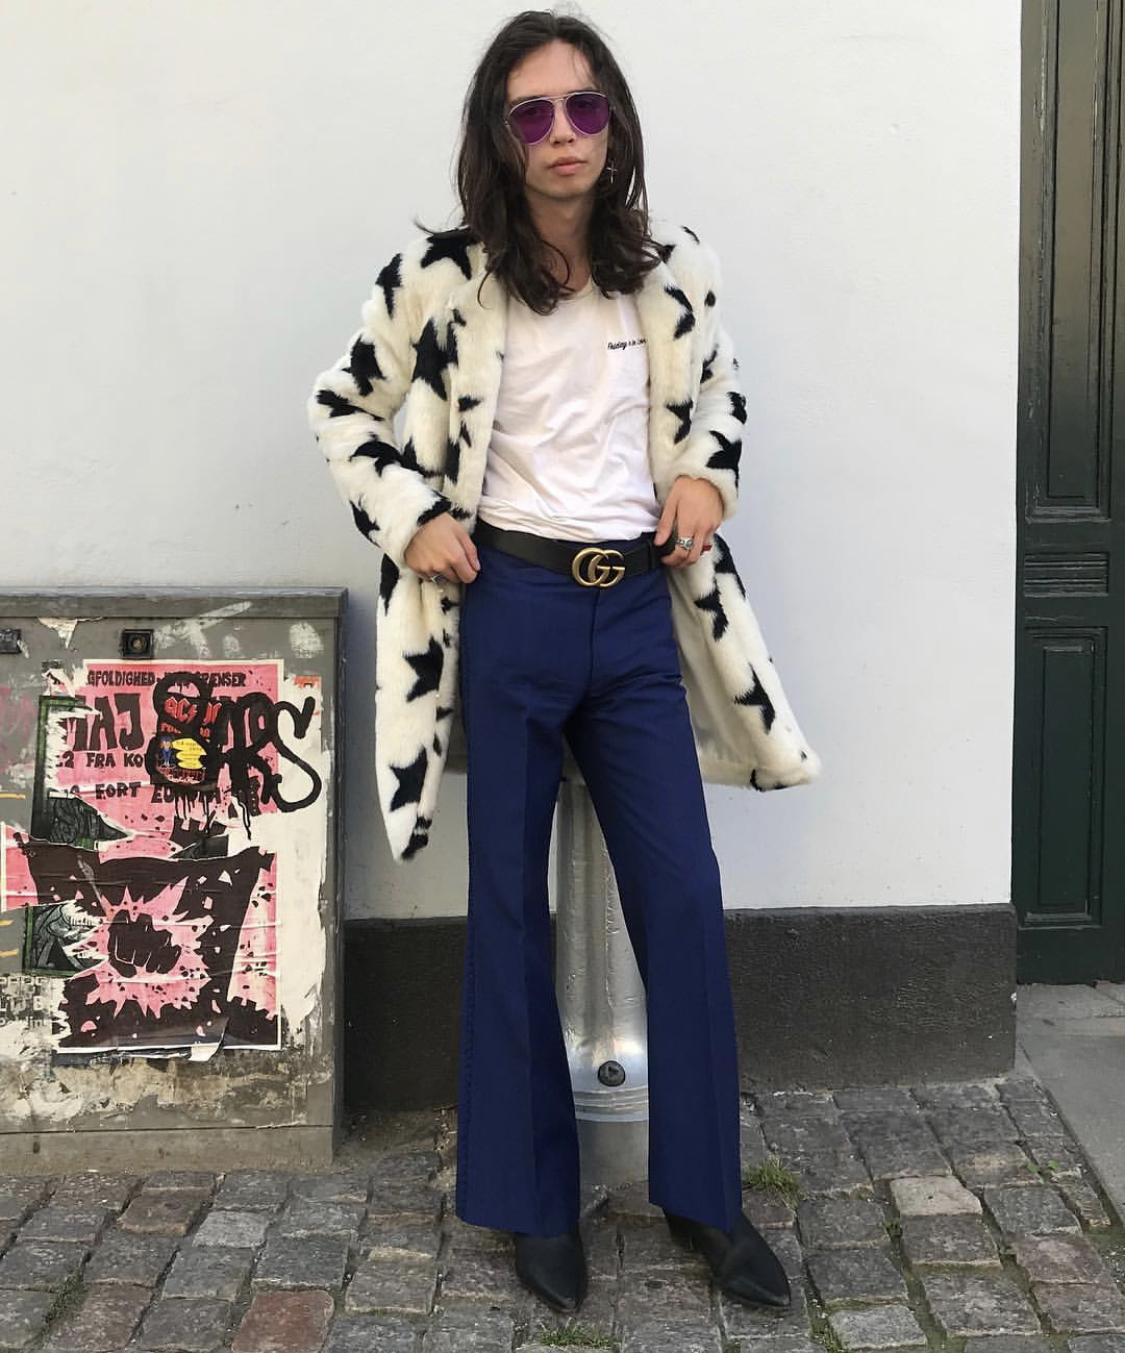 Nordic-Streetwear-Instagram-mikeyestrada_1.jpg